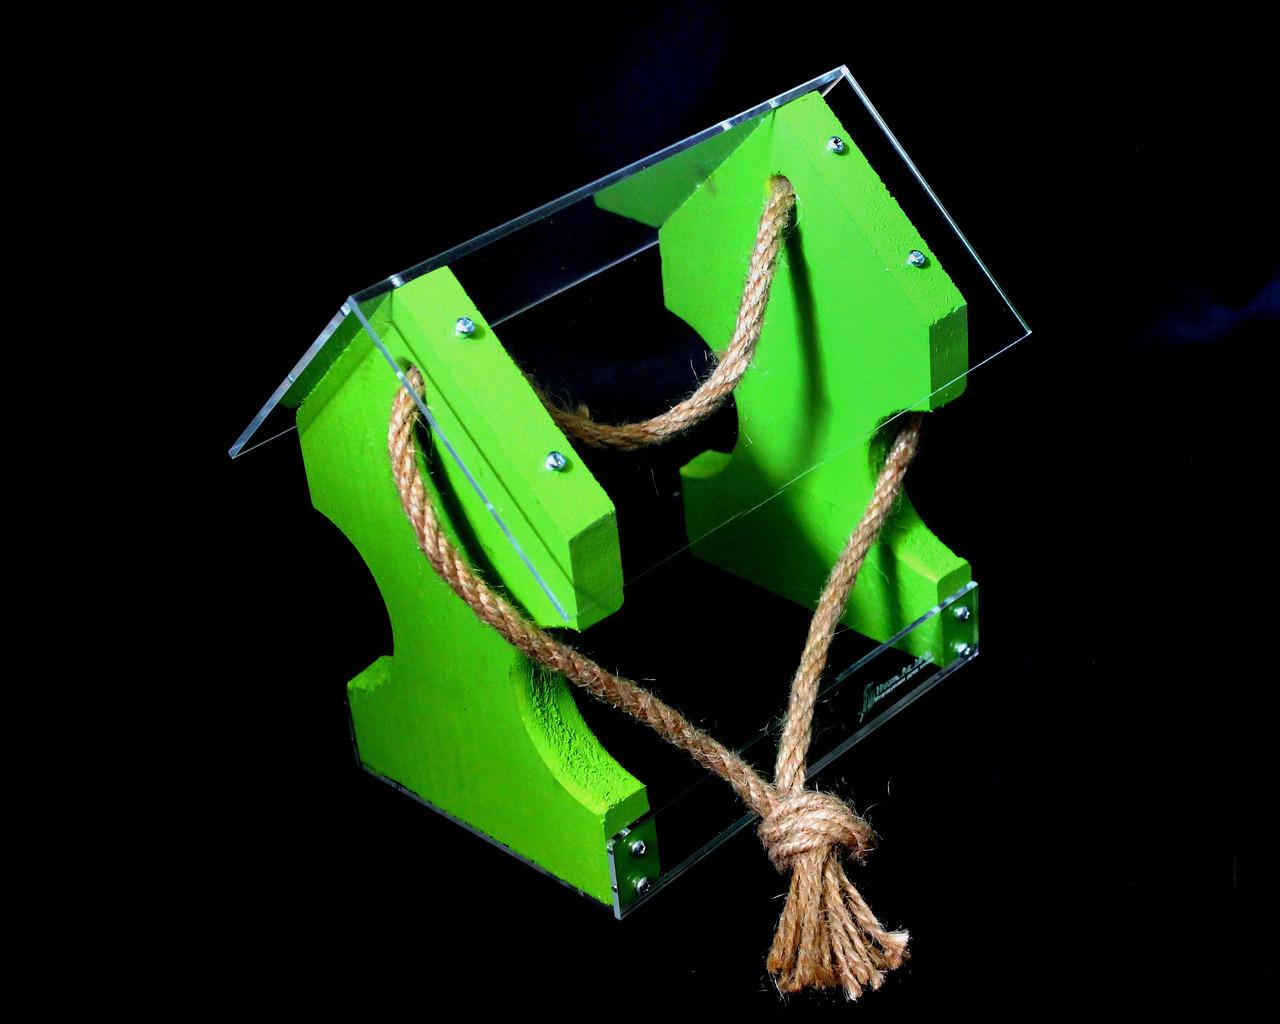 Кормушка для птиц подвесная в коробке подарочной Цветная